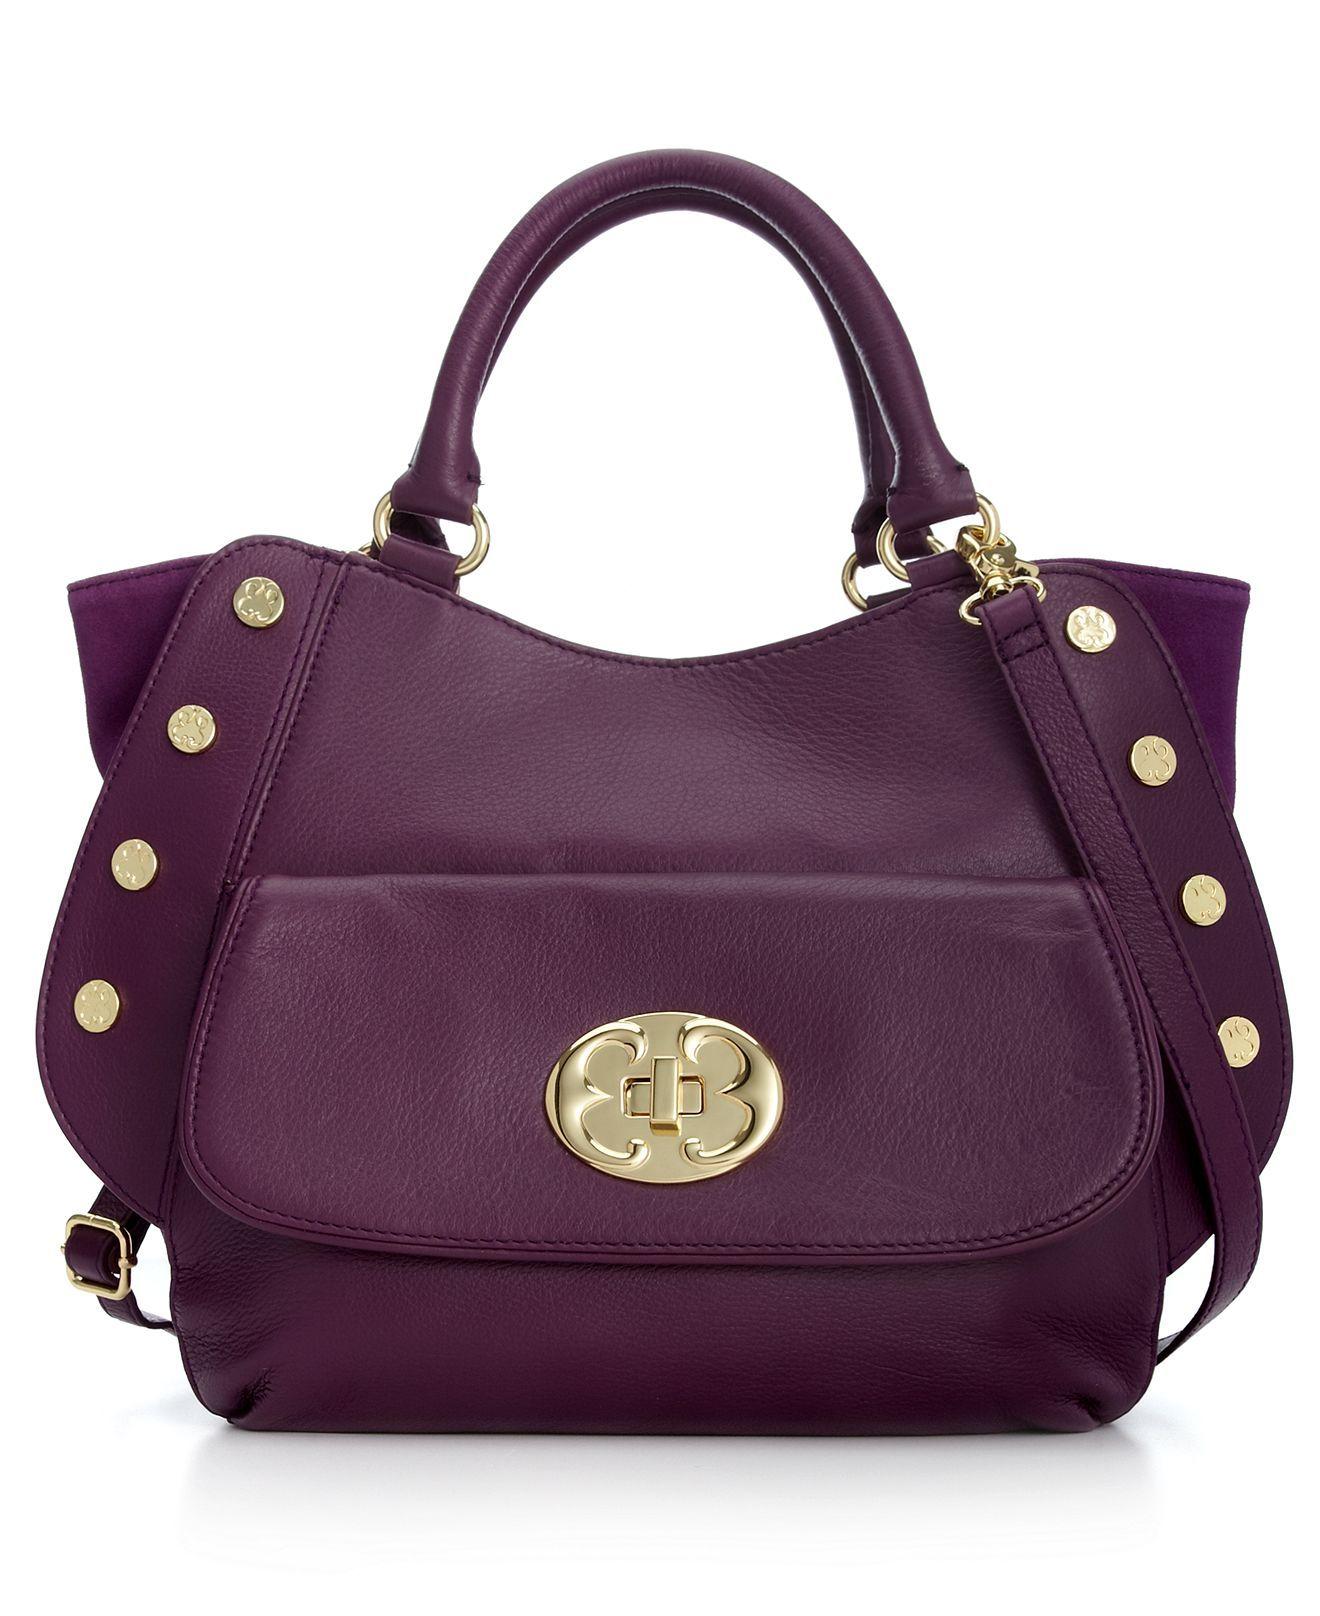 Treated Myself Early Emma Fox An Just X Mas Handbag I Present To Y6gbf7y